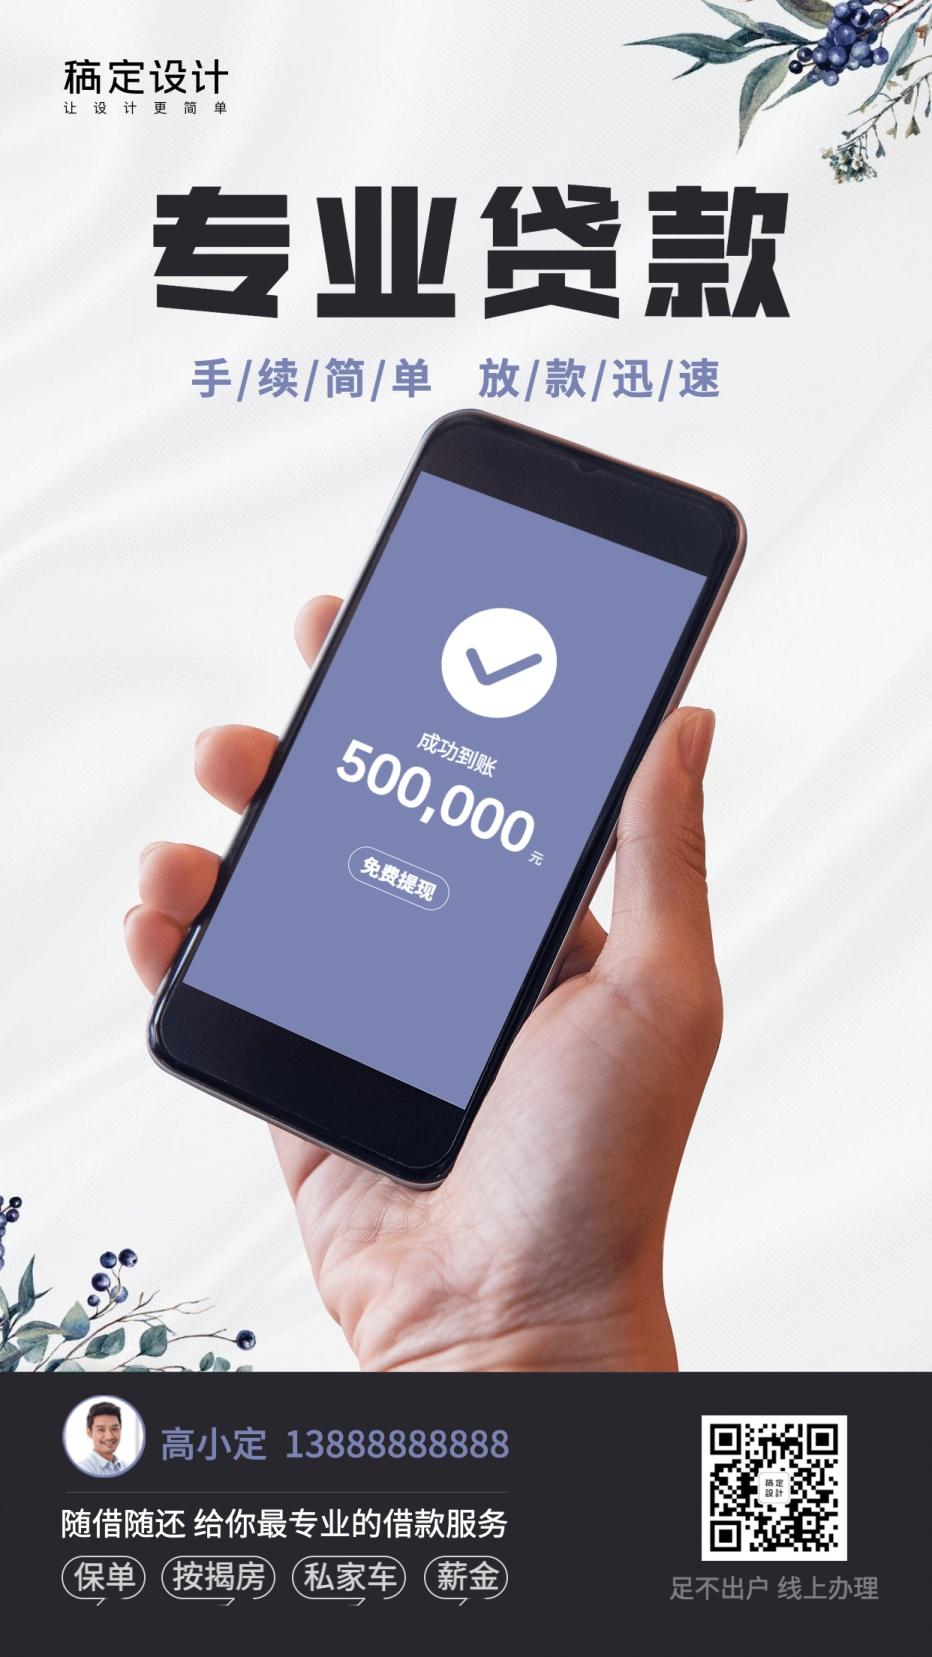 银行贷款宣传名片_【社交名片】金融行业专用的名片海报,团队海报一一具备